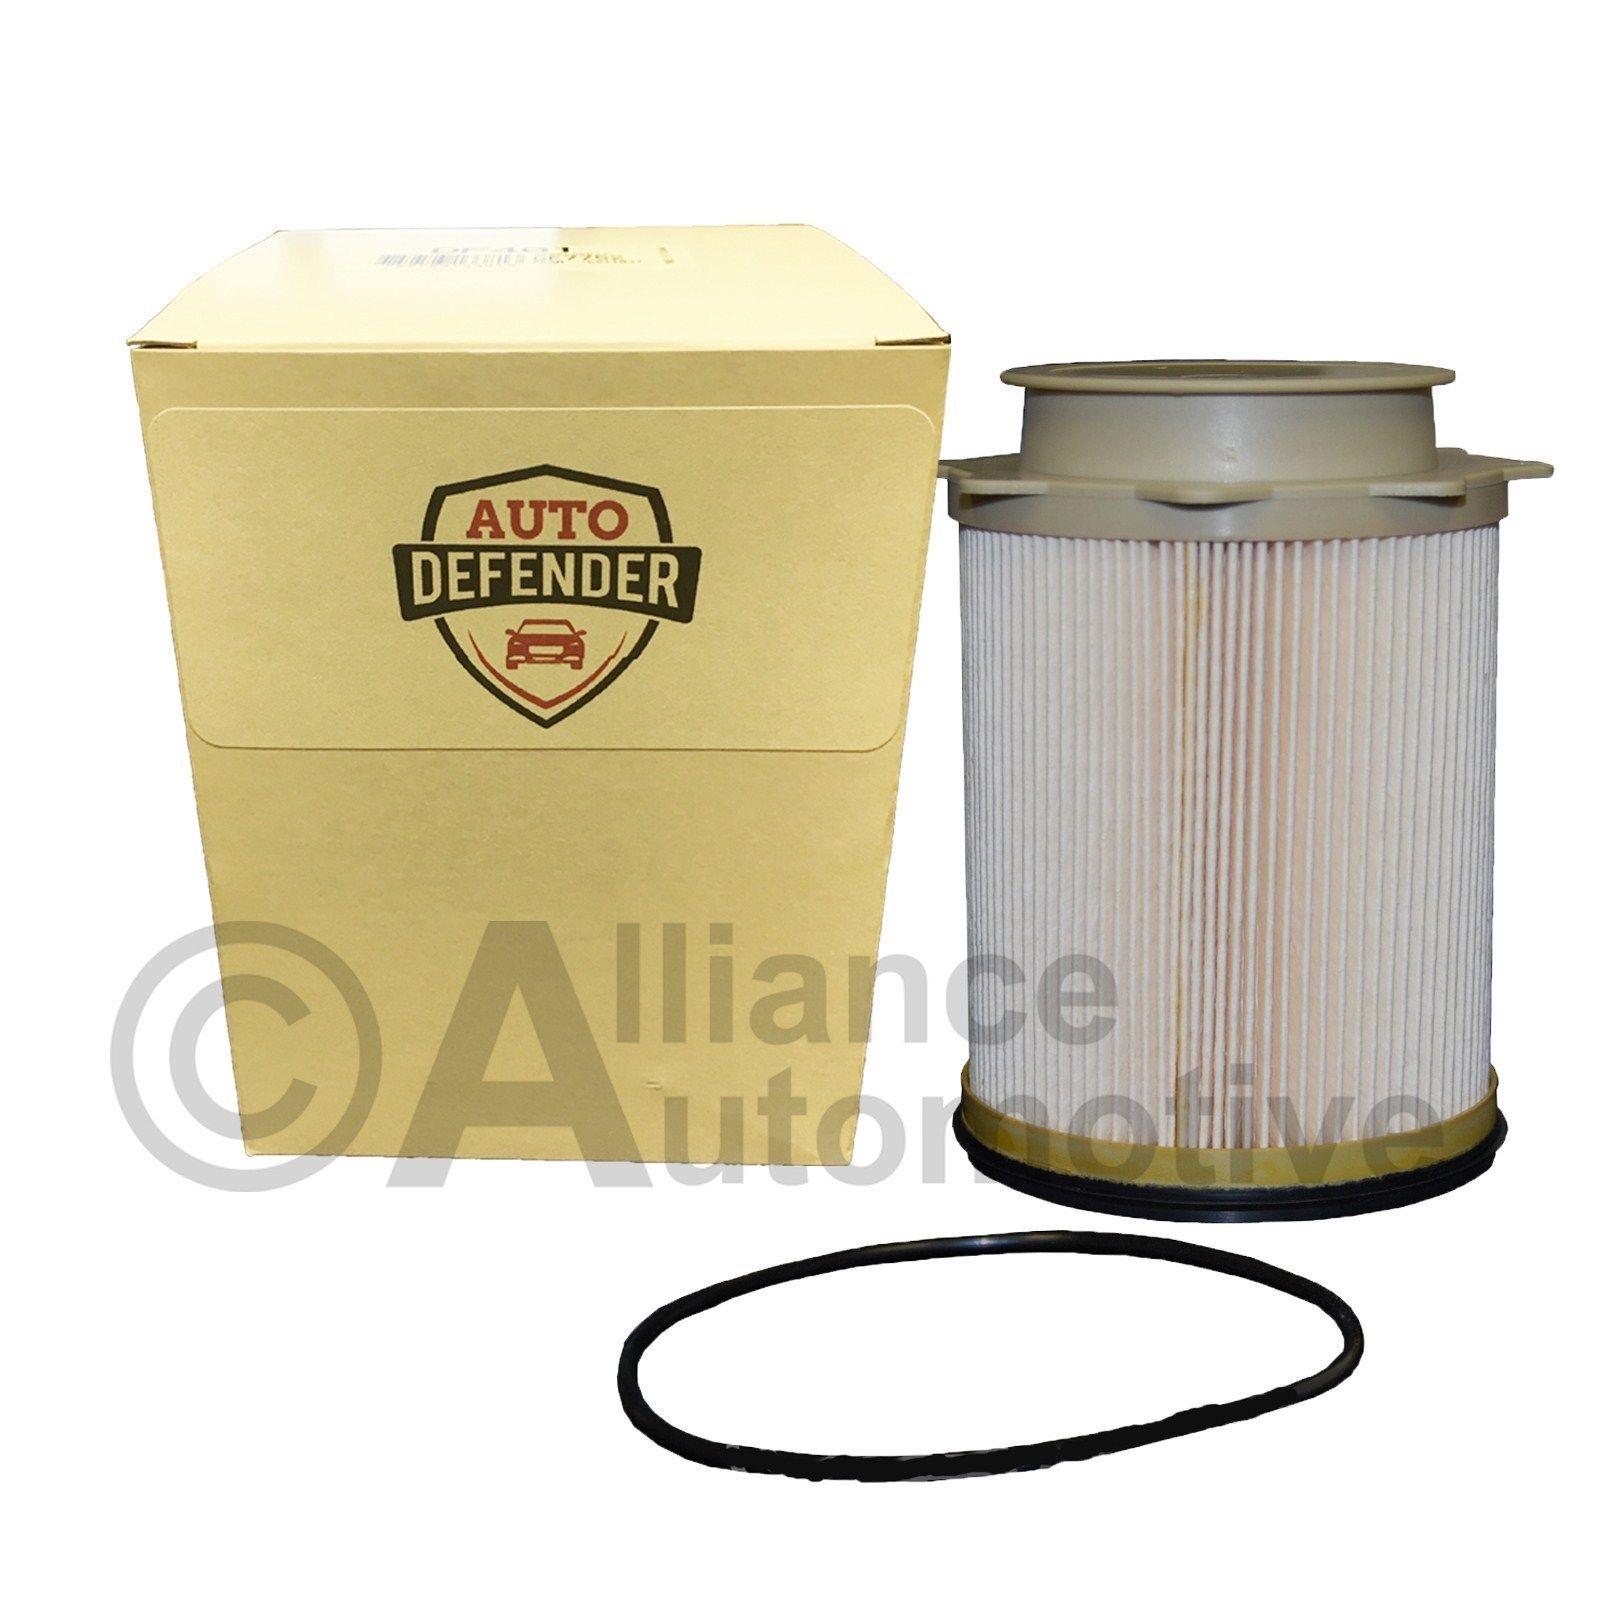 hight resolution of 1 diesel fuel filter fits 10 16 dodge ram cummins 6 7l turbo front cummins turbo front dodge fits fuel filter diesel